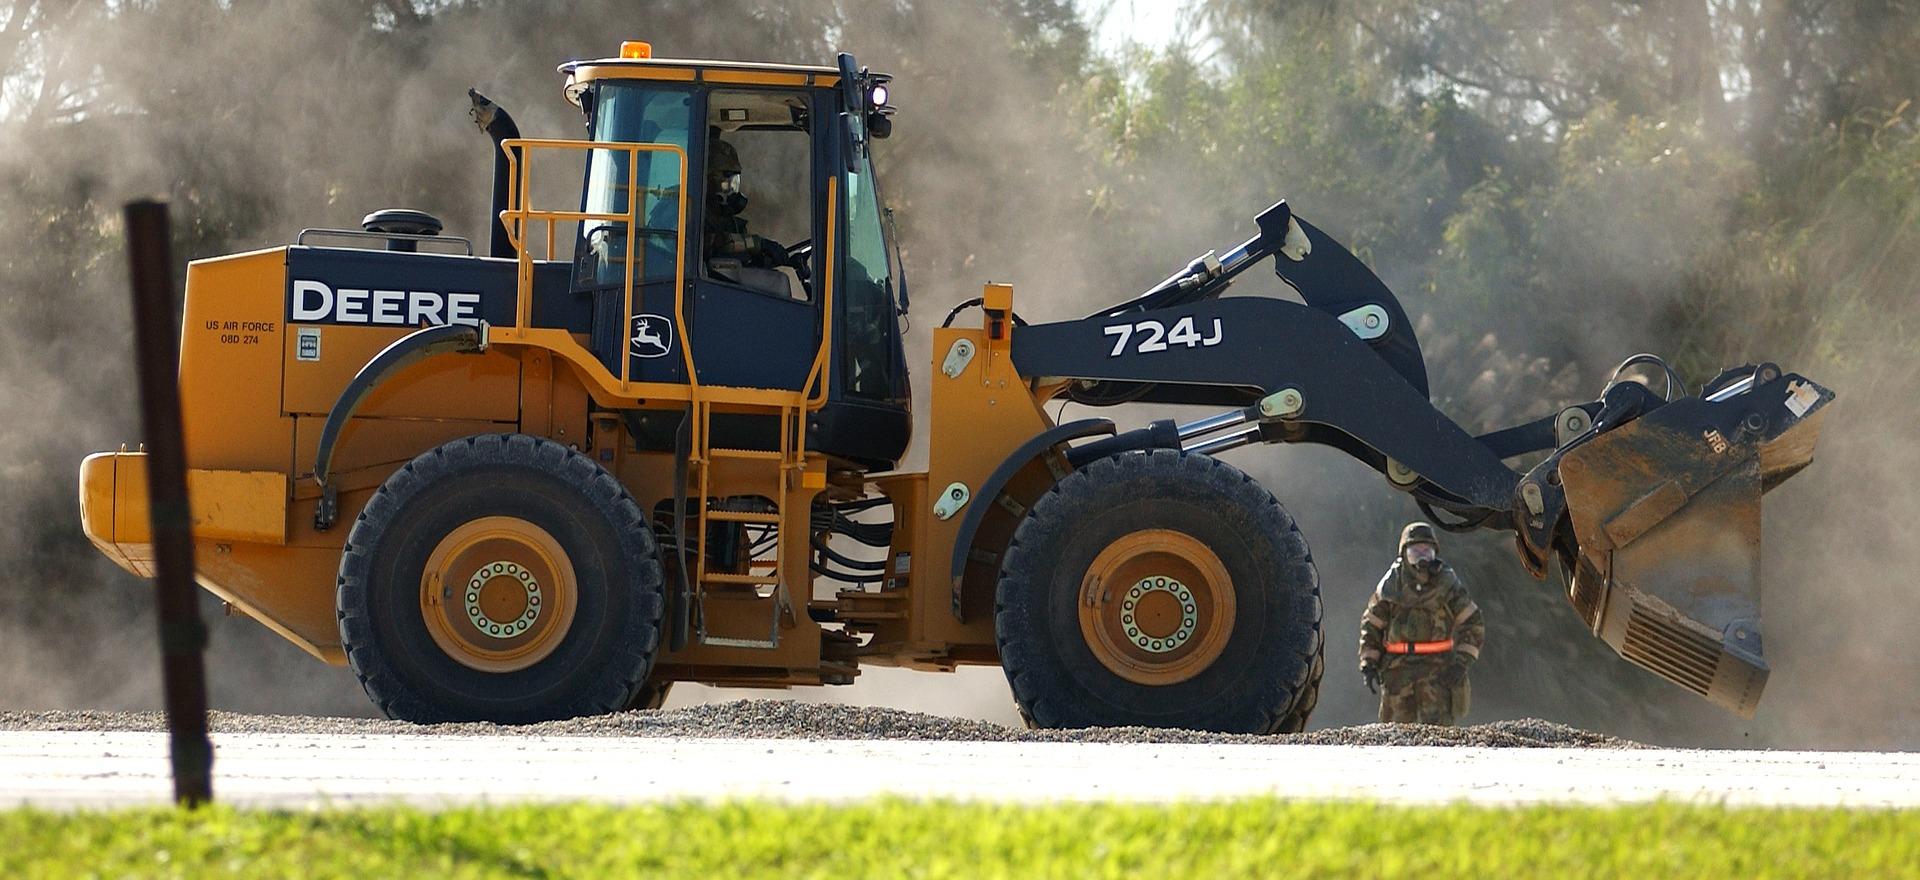 heavy-equipment-847778_1920